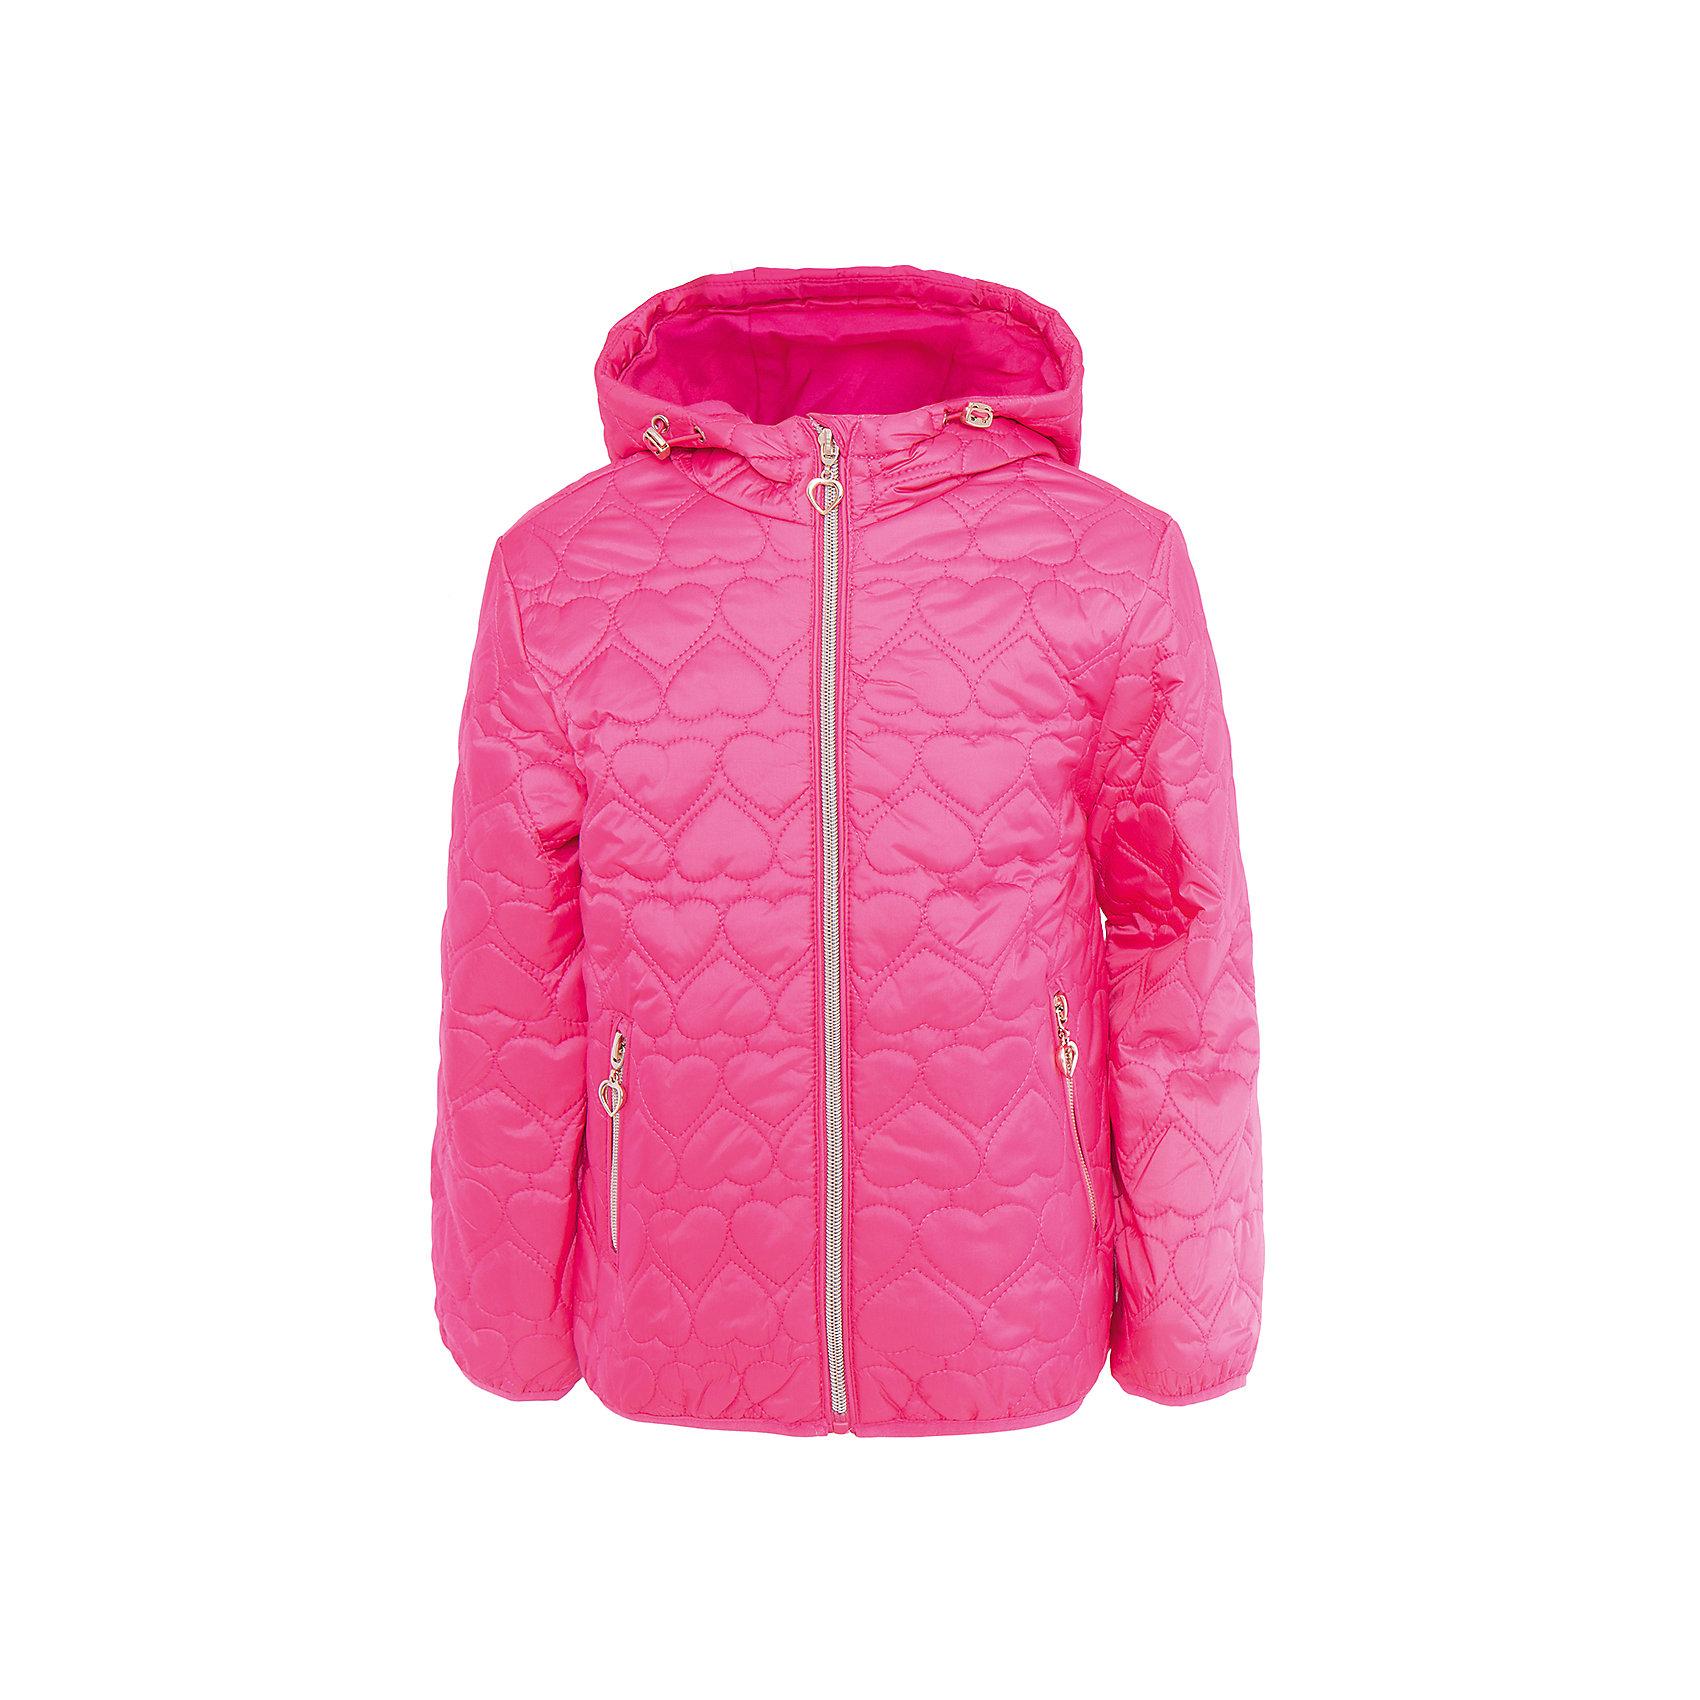 Куртка для девочки SELAВерхняя одежда<br>Характеристики товара:<br><br>• цвет: розовый<br>• состав: 100% нейлон; утеплитель: 100% ПЭ; подкладка: 100% хлопок; подкладка рукава: 100% ПЭ<br>• температурный режим: от +5°до +15°С<br>• покрой: полуприлегающий<br>• демисезон<br>• молния<br>• фактурный узор<br>• капюшон не отстёгивается<br>• два прирезных кармана на молнии<br>• коллекция весна-лето 2017<br>• страна бренда: Российская Федерация<br>• страна производитель: Китай<br><br>Вещи из новой коллекции SELA продолжают радовать удобством! Легкая куртка для девочки поможет разнообразить гардероб ребенка и обеспечить комфорт. Она отлично сочетается с юбками и брюками. Очень стильно смотрится!<br><br>Одежда, обувь и аксессуары от российского бренда SELA не зря пользуются большой популярностью у детей и взрослых! Модели этой марки - стильные и удобные, цена при этом неизменно остается доступной. Для их производства используются только безопасные, качественные материалы и фурнитура. Новая коллекция поддерживает хорошие традиции бренда! <br><br>Куртку для девочки от популярного бренда SELA (СЕЛА) можно купить в нашем интернет-магазине.<br><br>Ширина мм: 356<br>Глубина мм: 10<br>Высота мм: 245<br>Вес г: 519<br>Цвет: розовый<br>Возраст от месяцев: 60<br>Возраст до месяцев: 72<br>Пол: Женский<br>Возраст: Детский<br>Размер: 116,98,104,110<br>SKU: 5305158